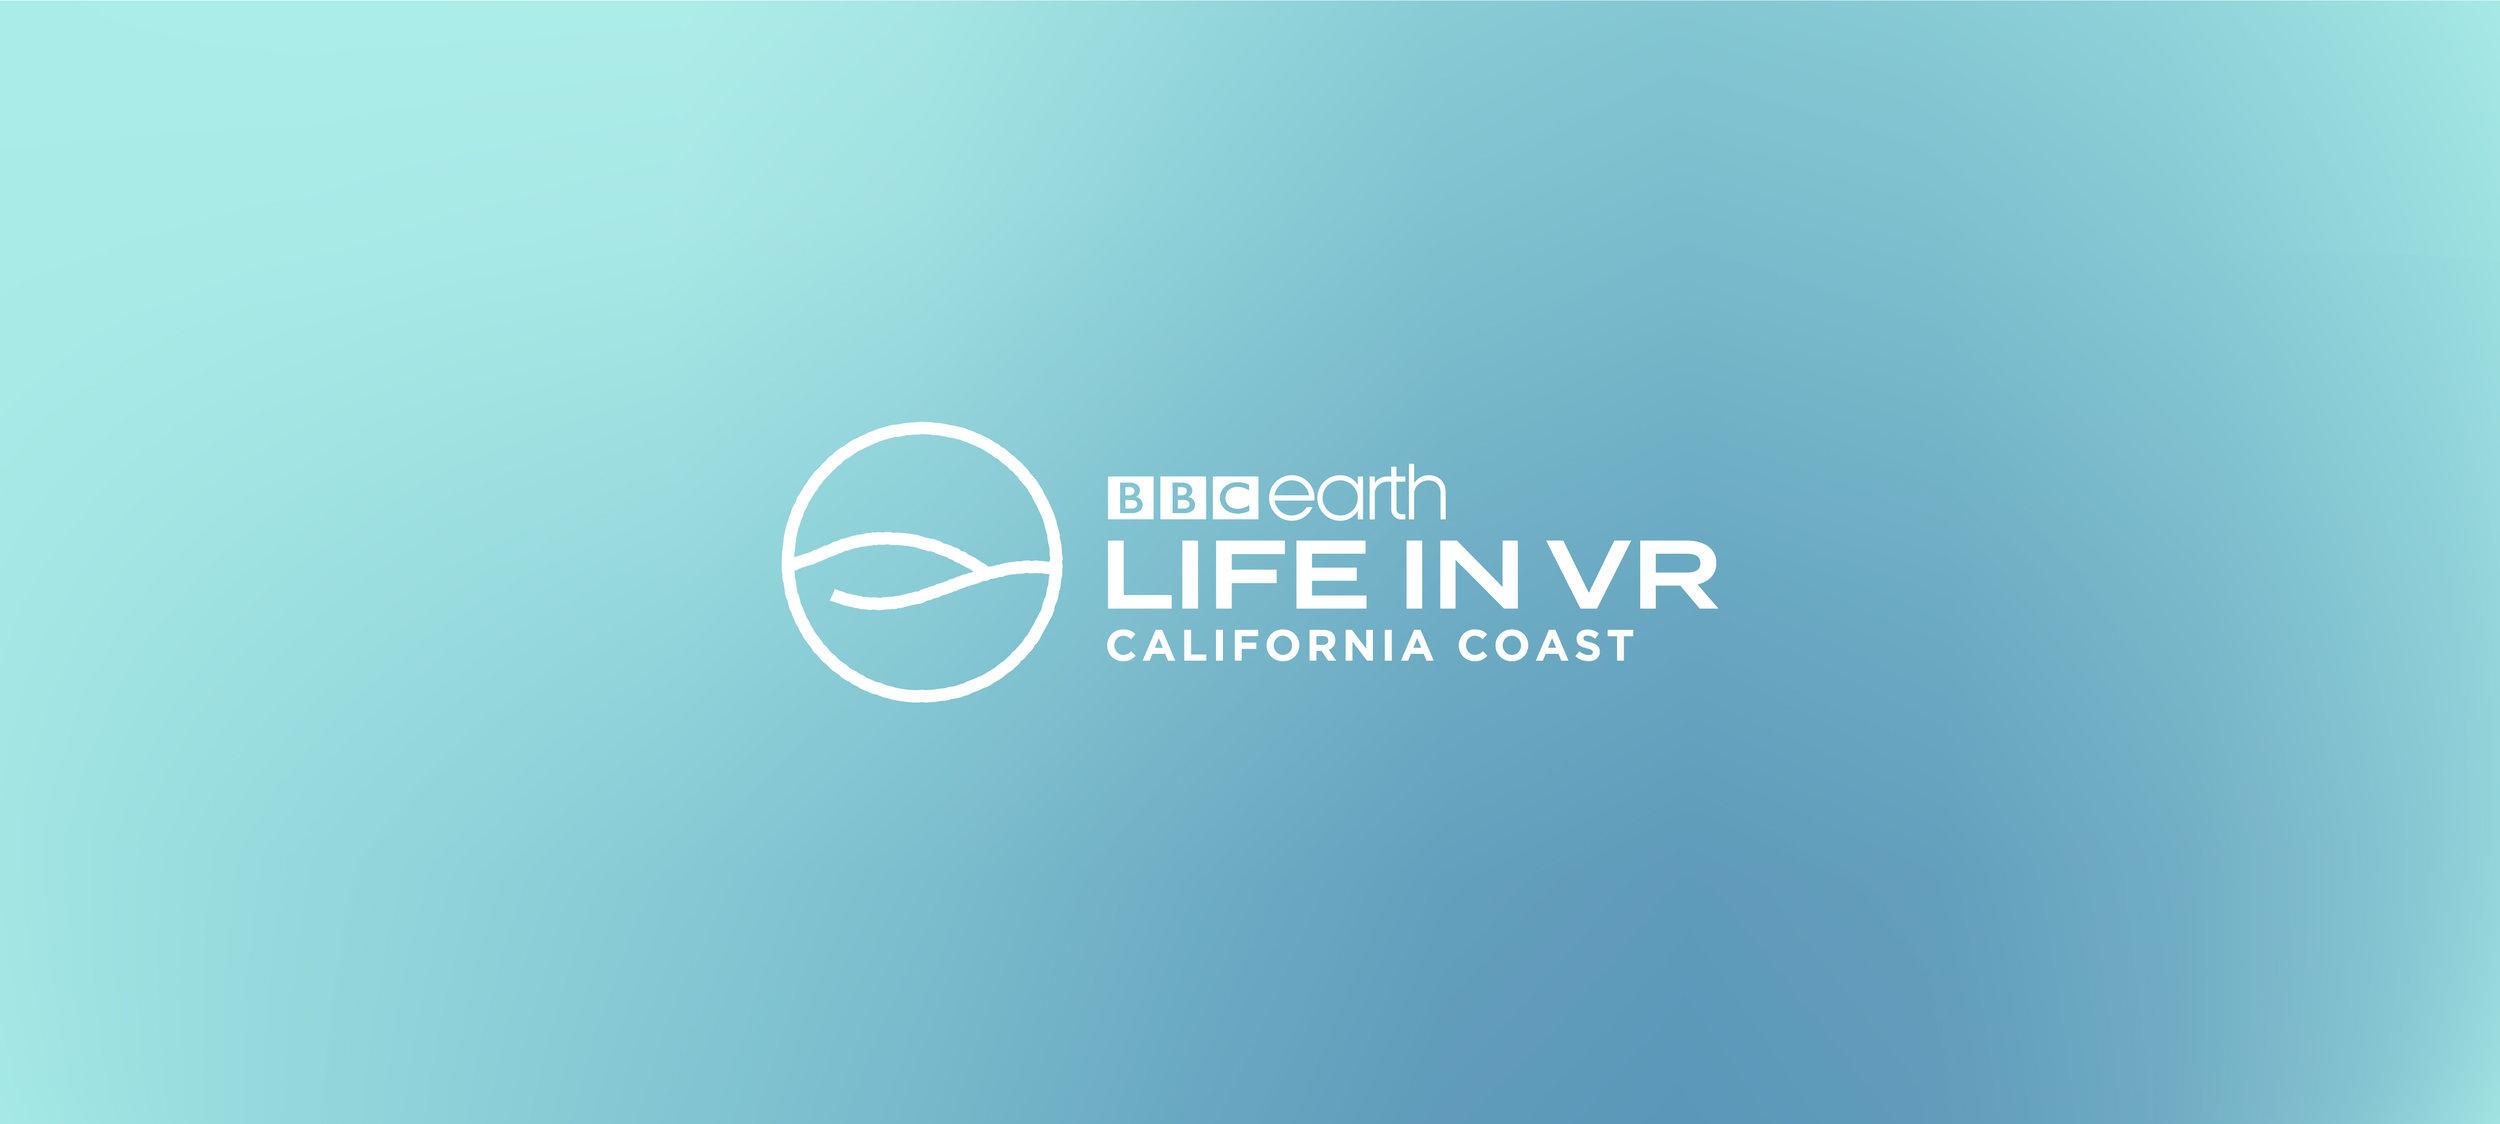 Life-in-VR_-03.jpg